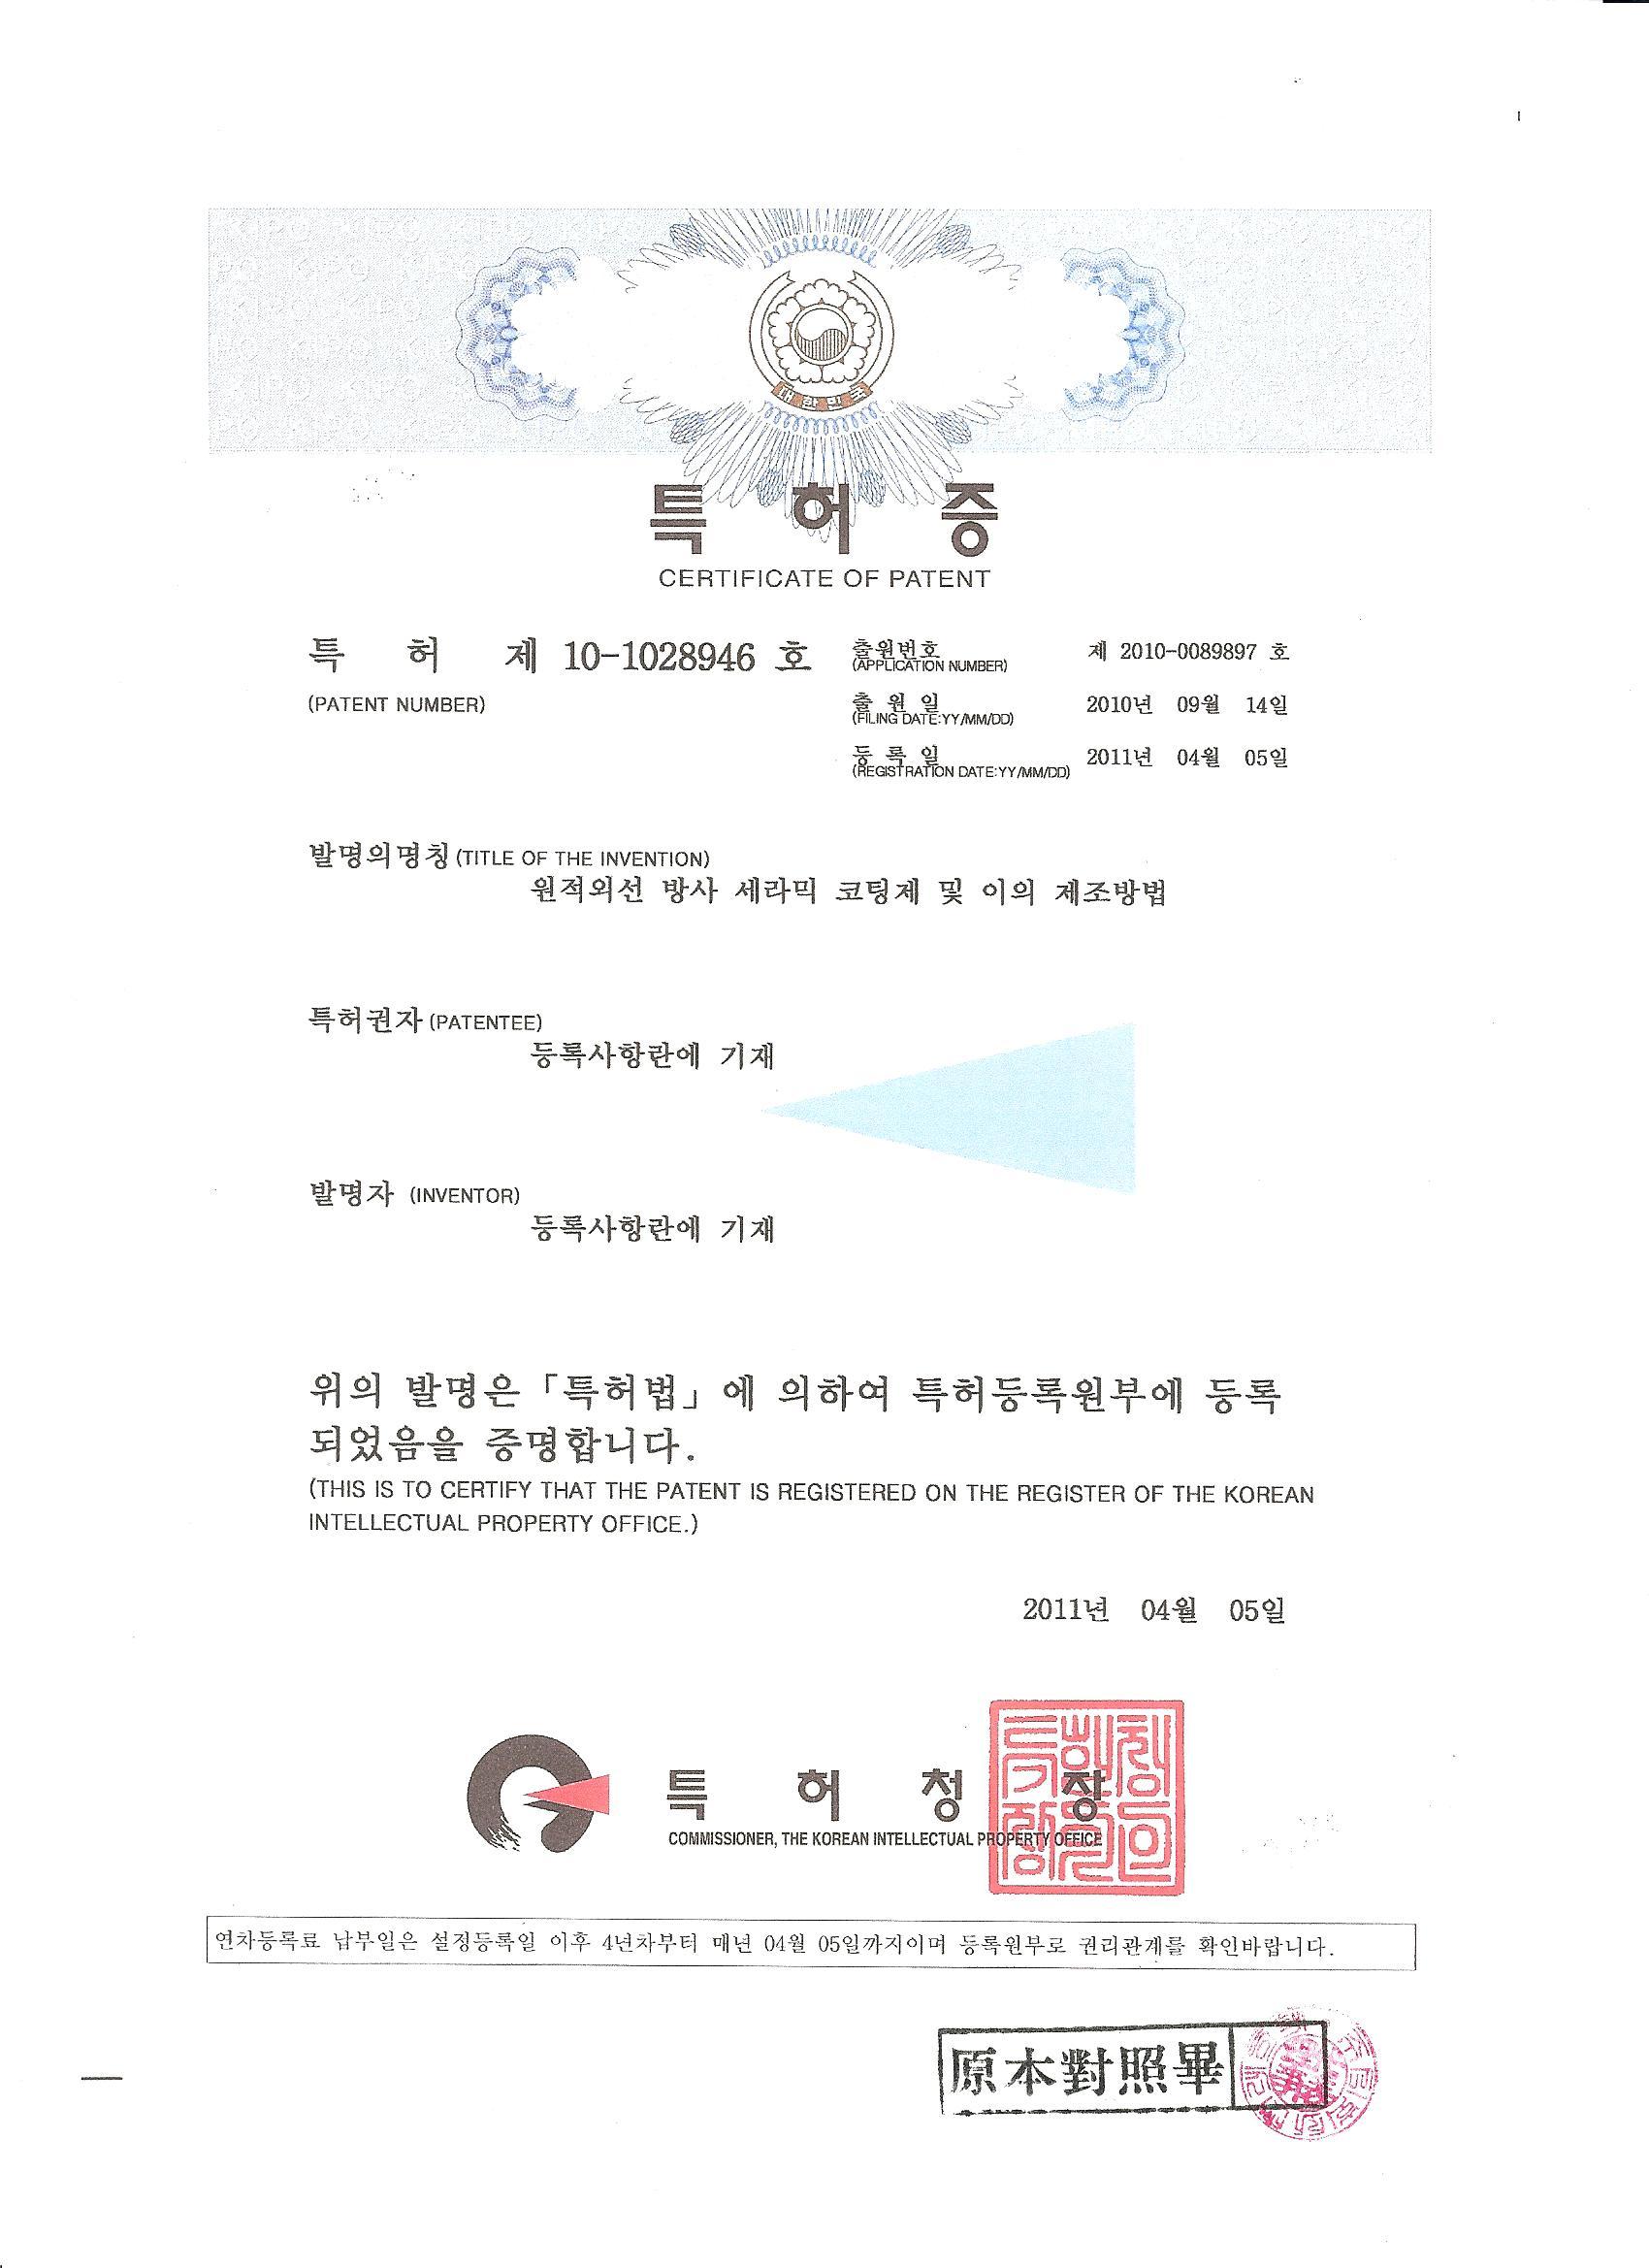 특허등록증 제10-1028946호.jpg